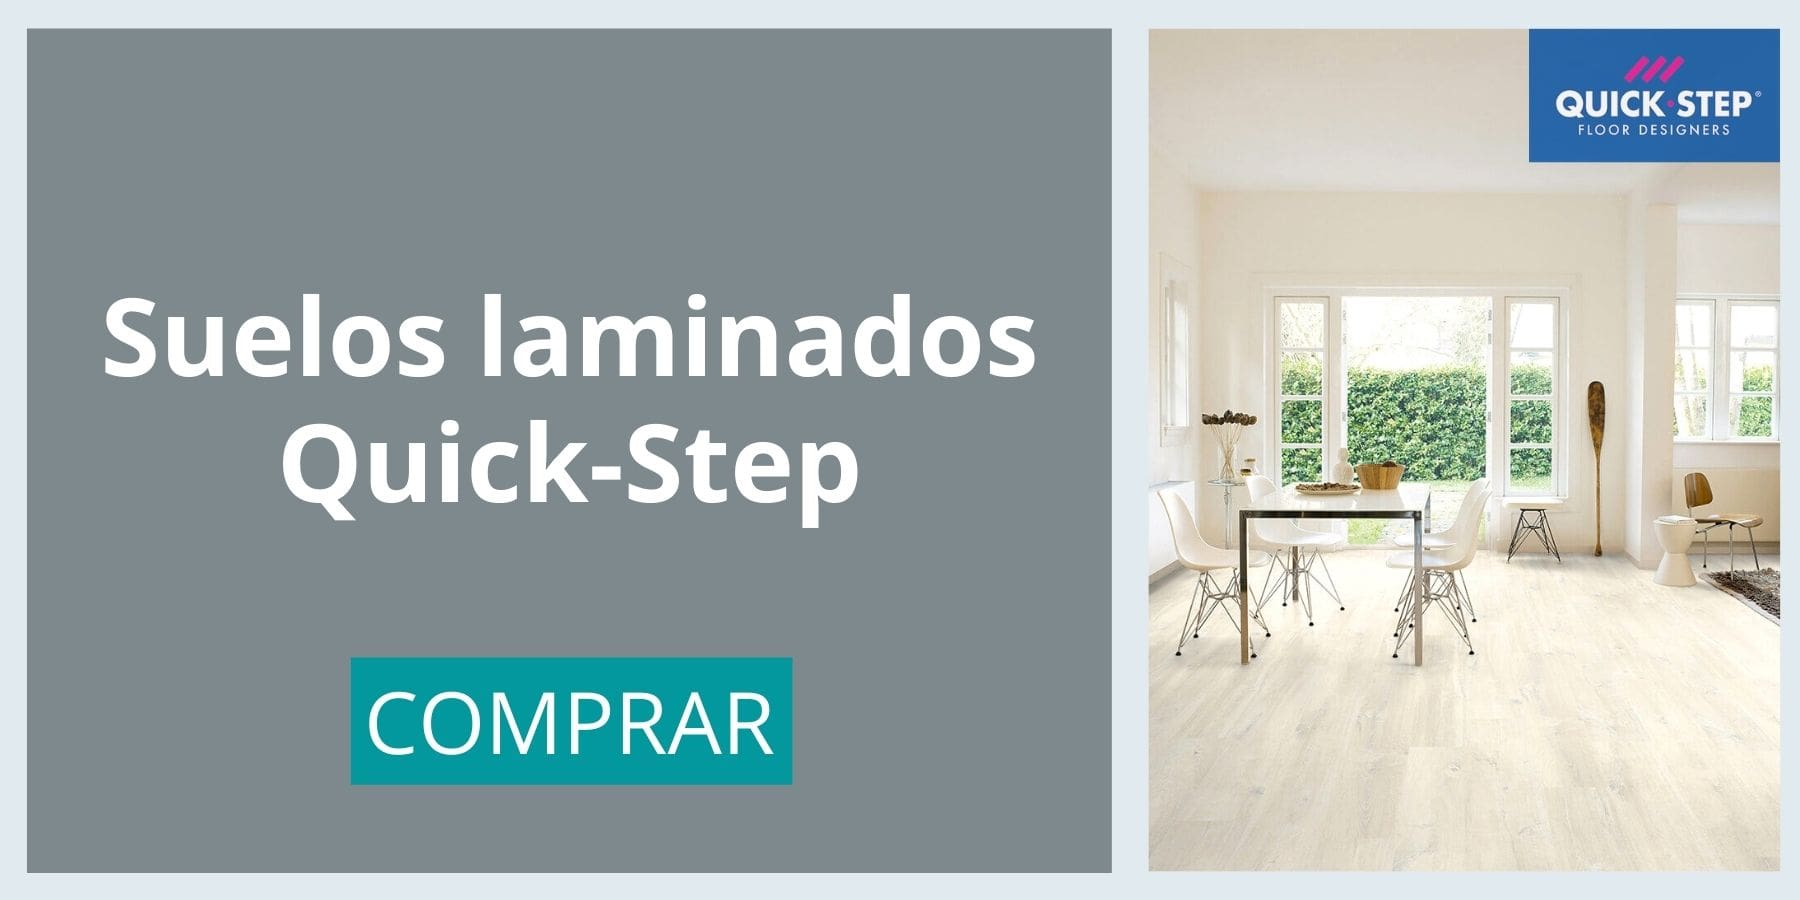 banner suelos laminados quick-step